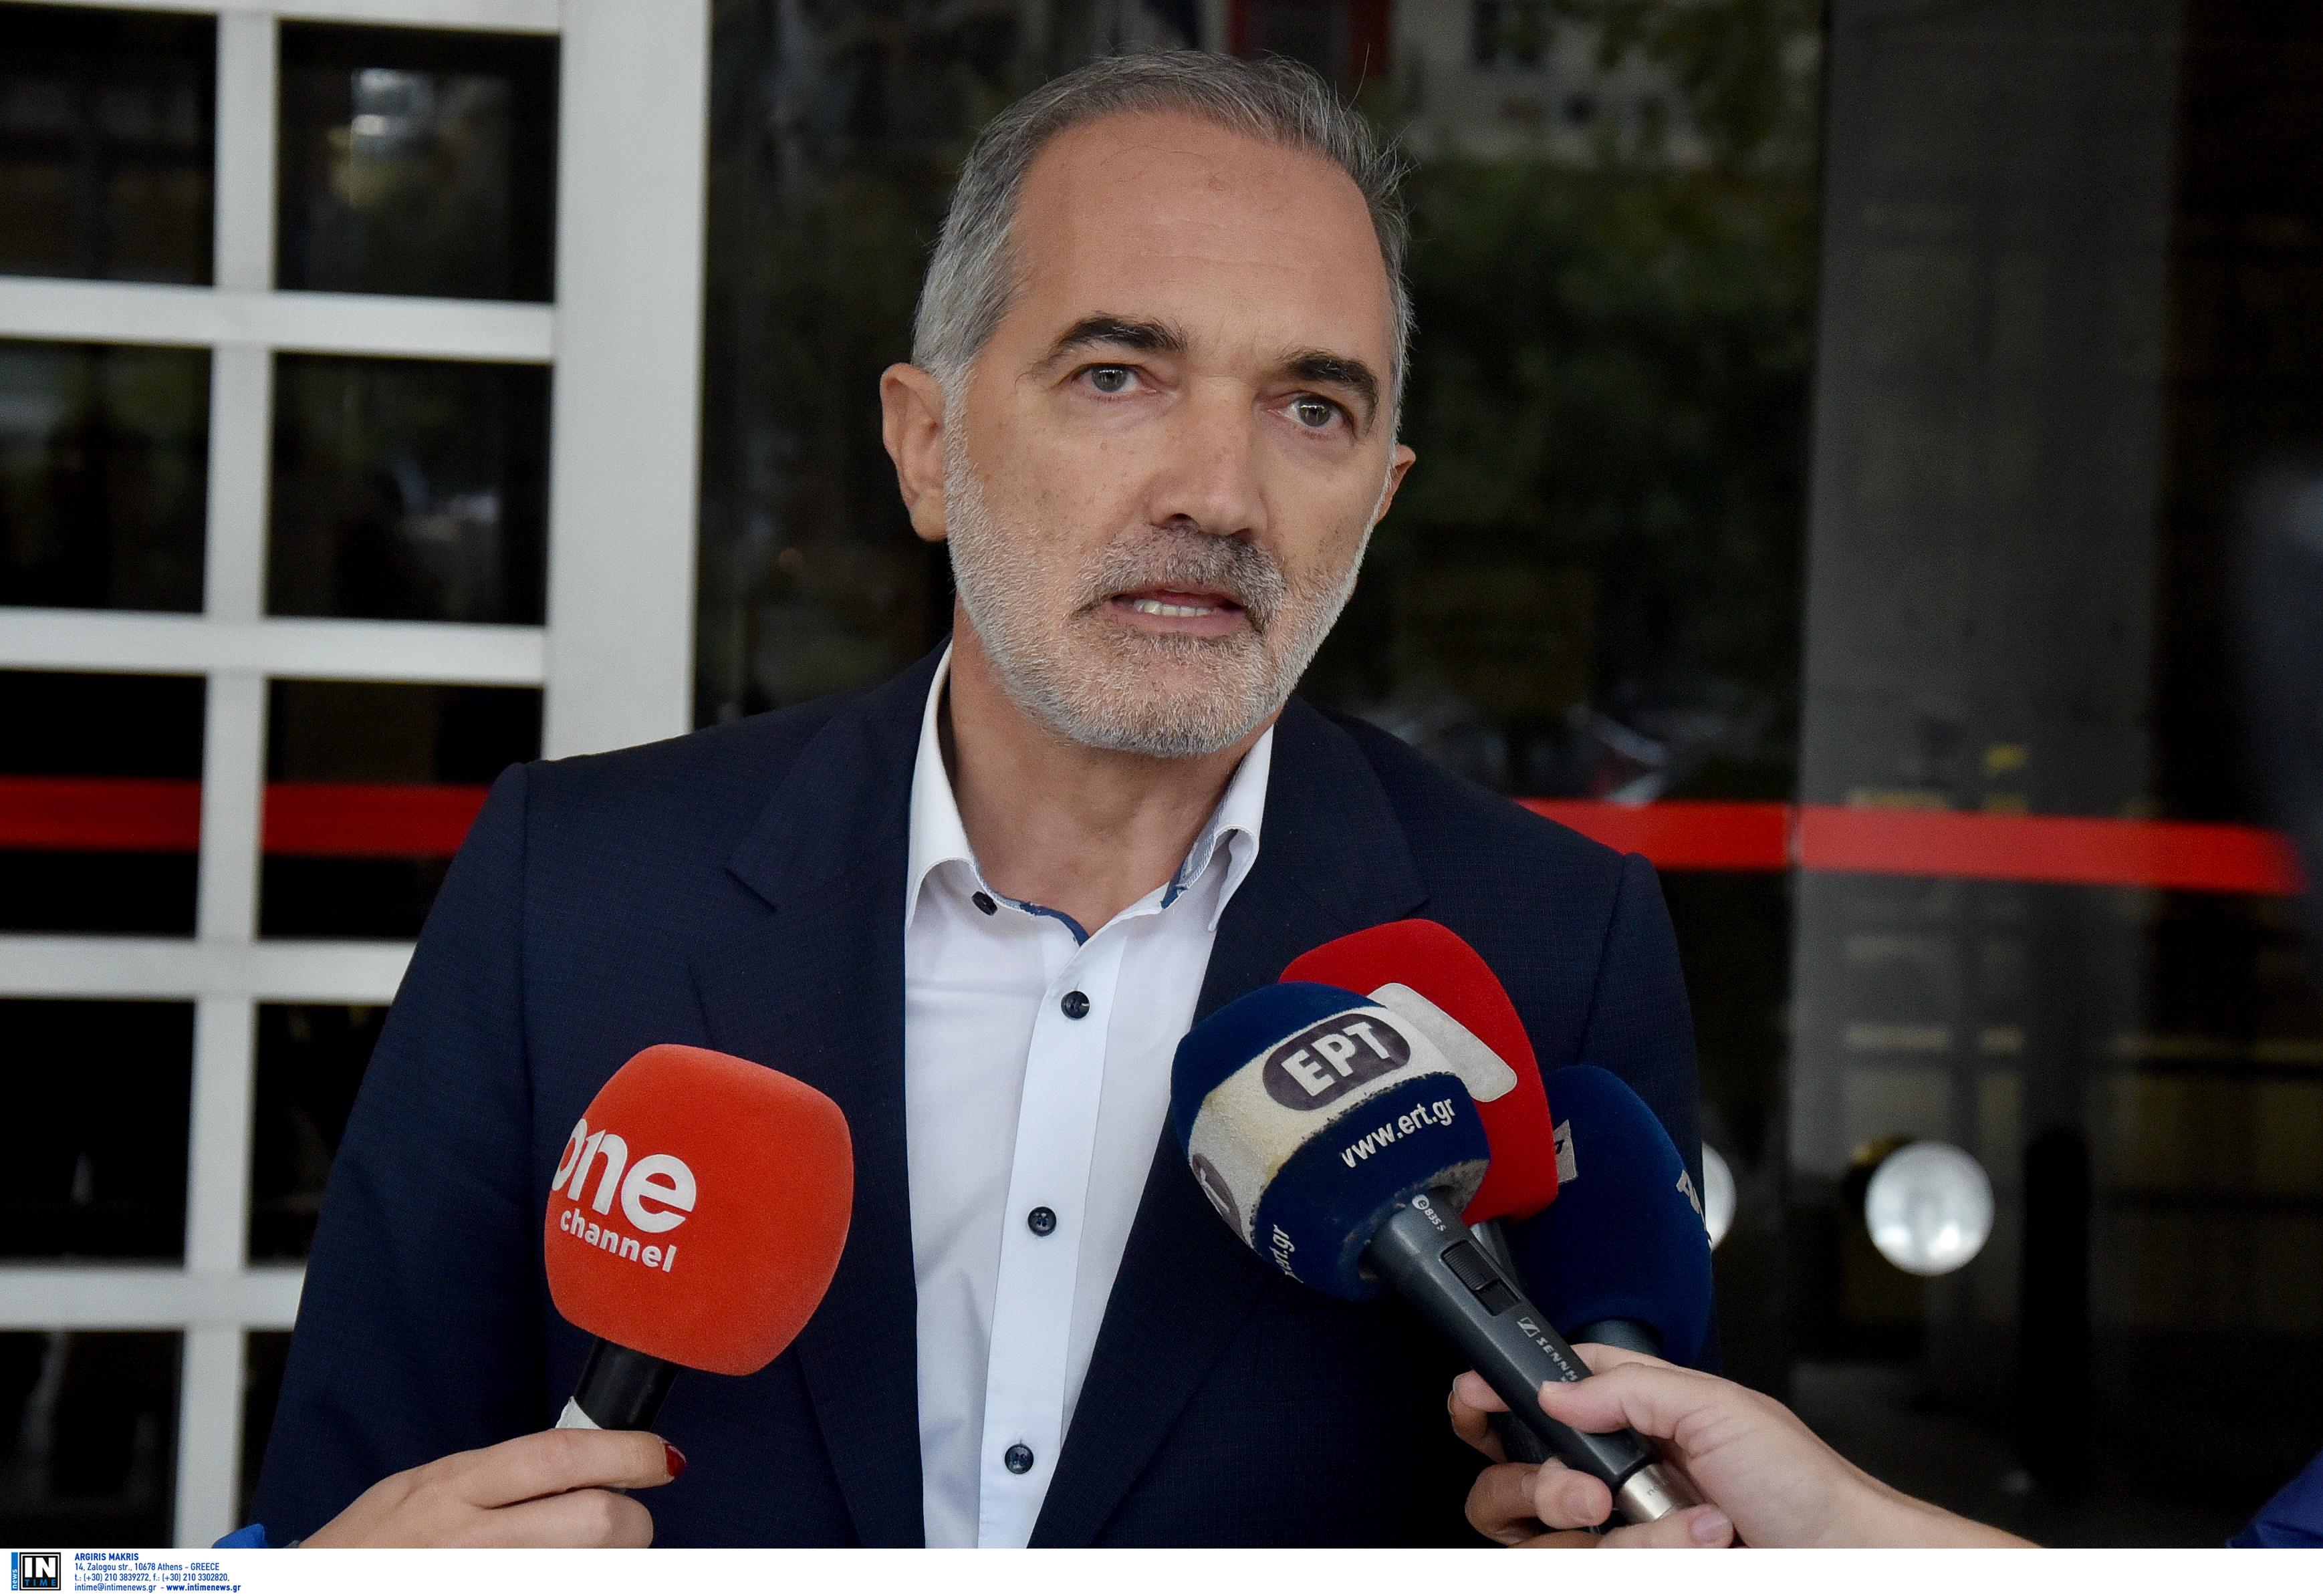 Σαλμάς: «Ακατανόητη παρεξήγηση!» - Όλη η απάντηση του πρώην Υπουργού στις καταγγελίες για παρέμβαση στη Δικαιοσύνη